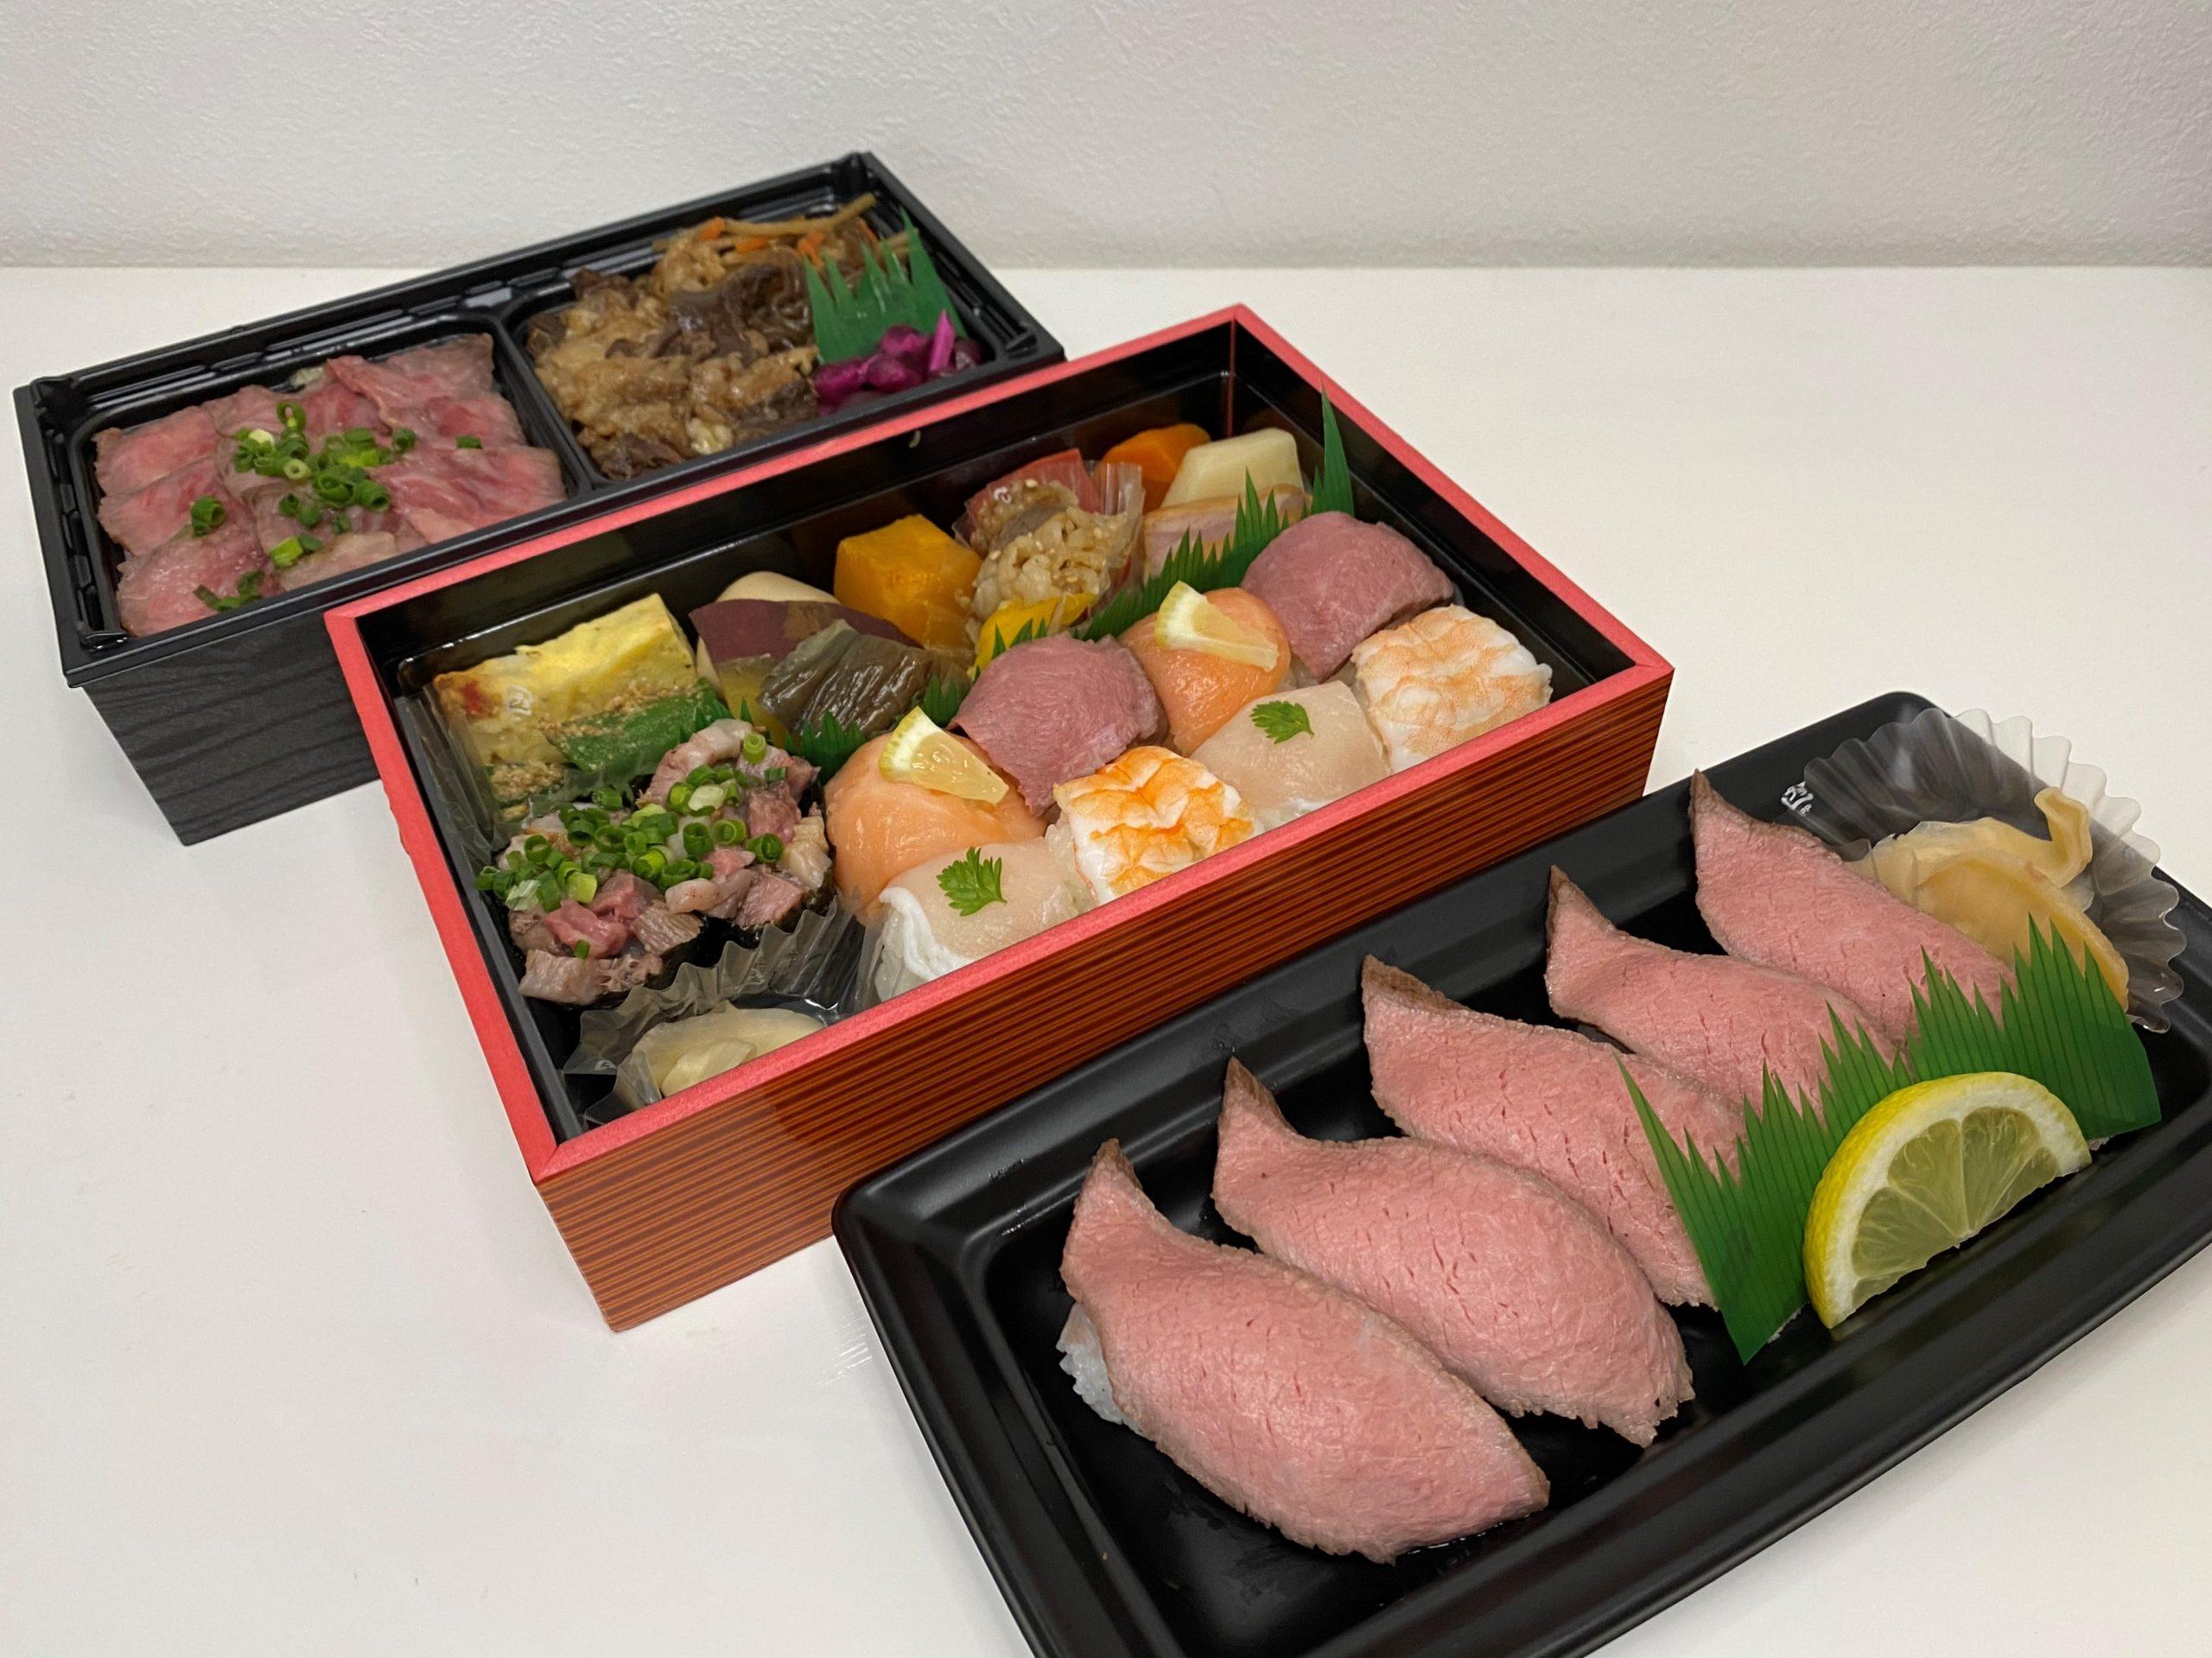 松阪牛にこだわった美味しいお弁当がお手軽な価格で販売されています! 梅田 「Matsusaka BEEF WHAT'S(マツサカビーフワッツ) 阪急うめだ店」